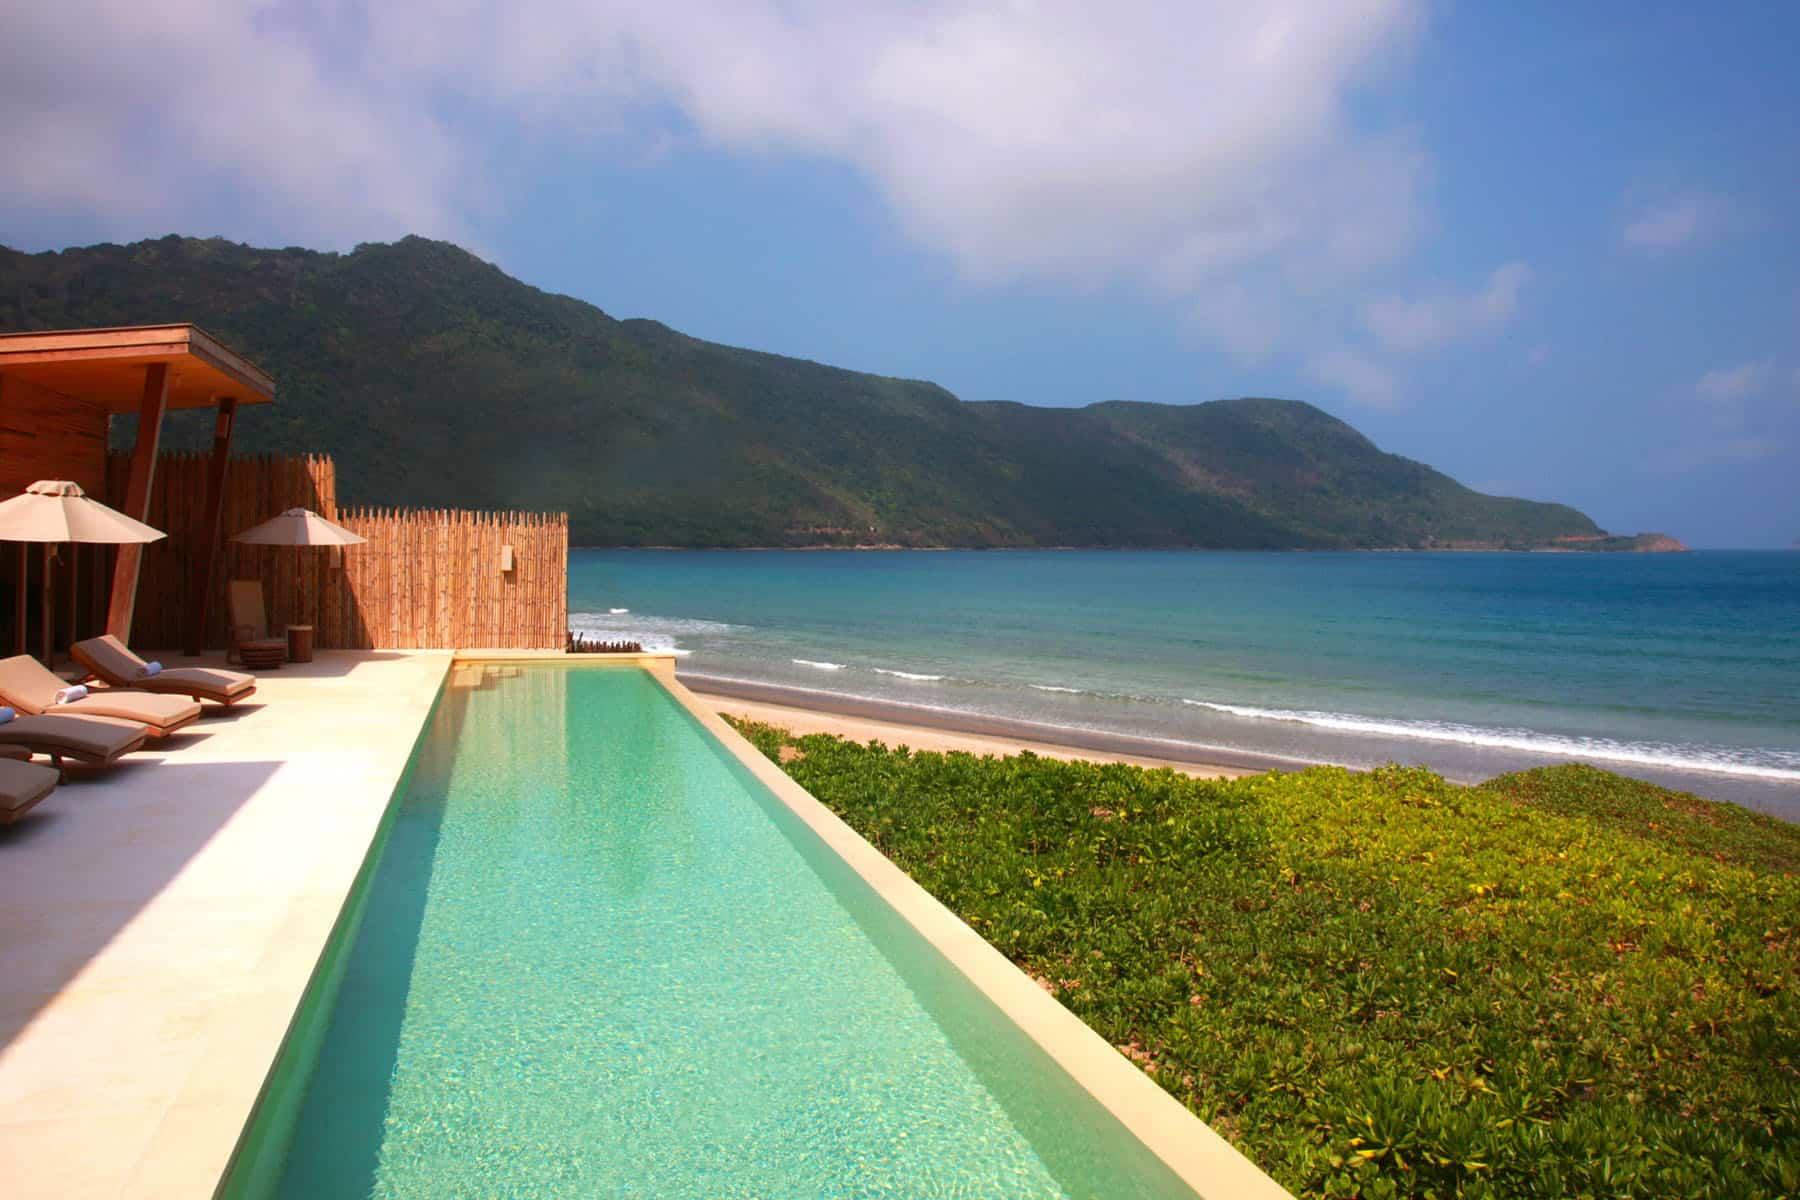 https://i1.wp.com/o.homedsgn.com/wp-content/uploads/2012/05/Six-Senses-Con-Dao-Resort-08.jpg